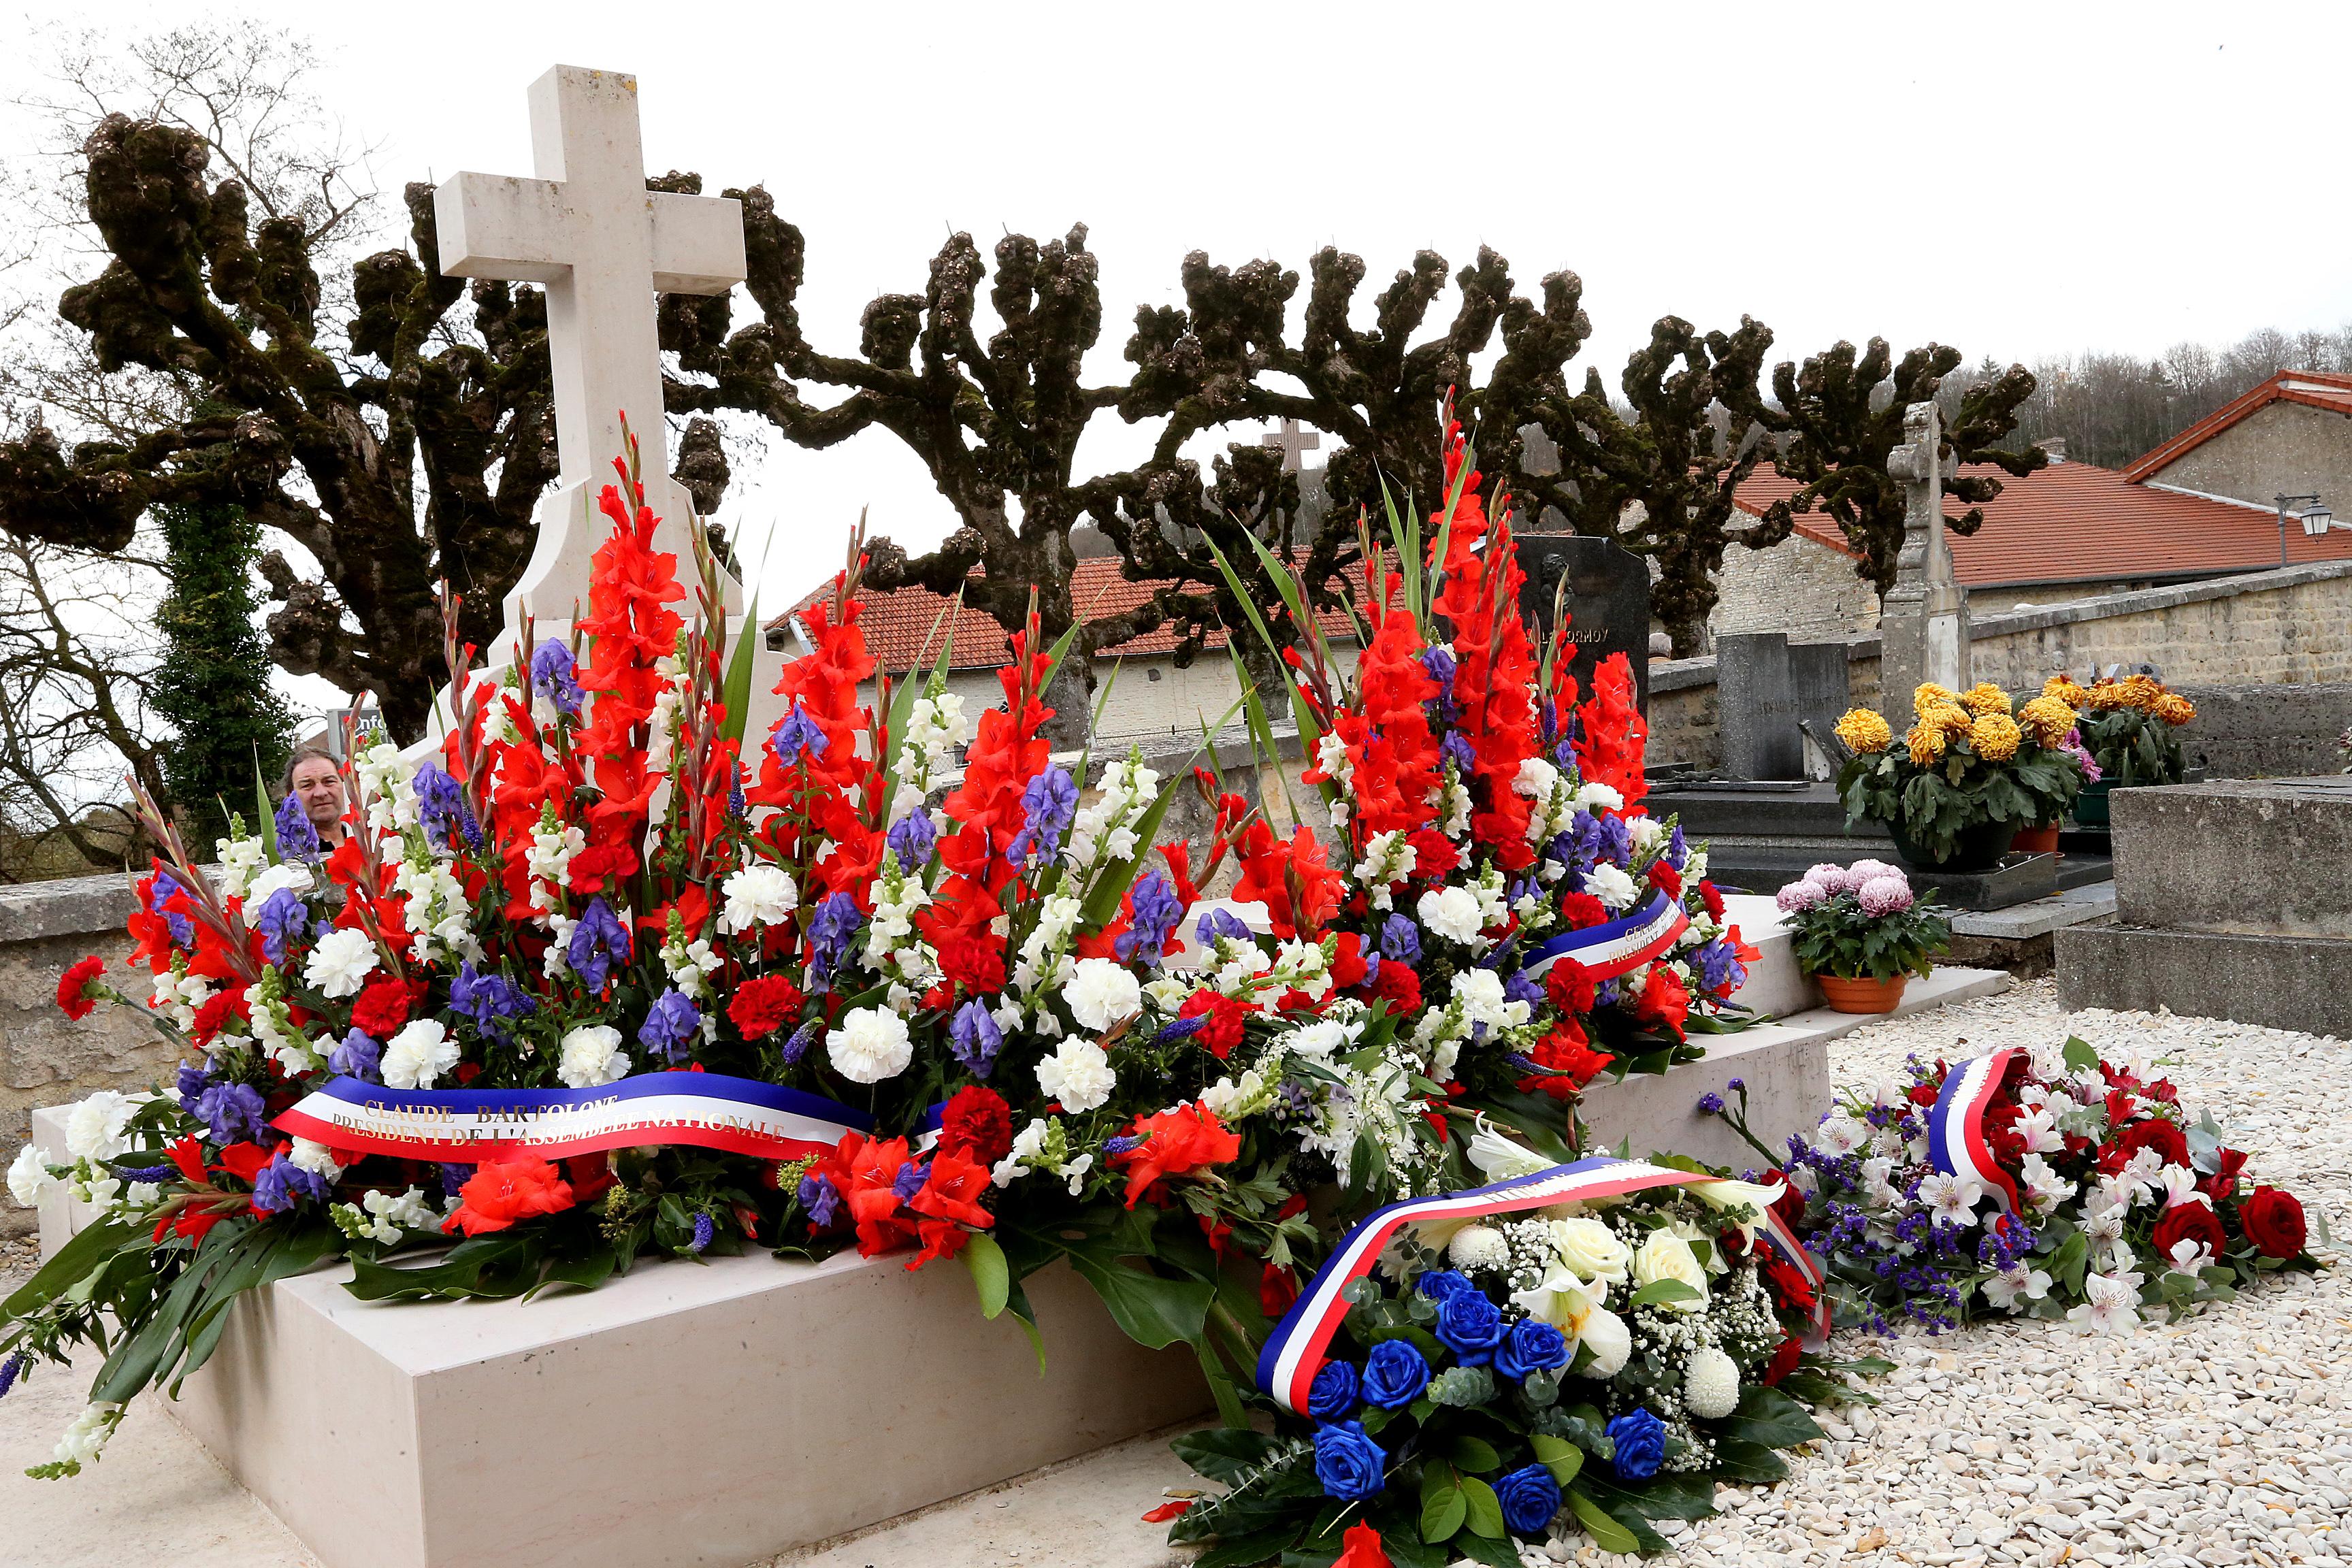 Egy elképesztően fordulatos történet egy angol fickóról, aki virágot kezdett vinni egy ismeretlen férfi sírjára